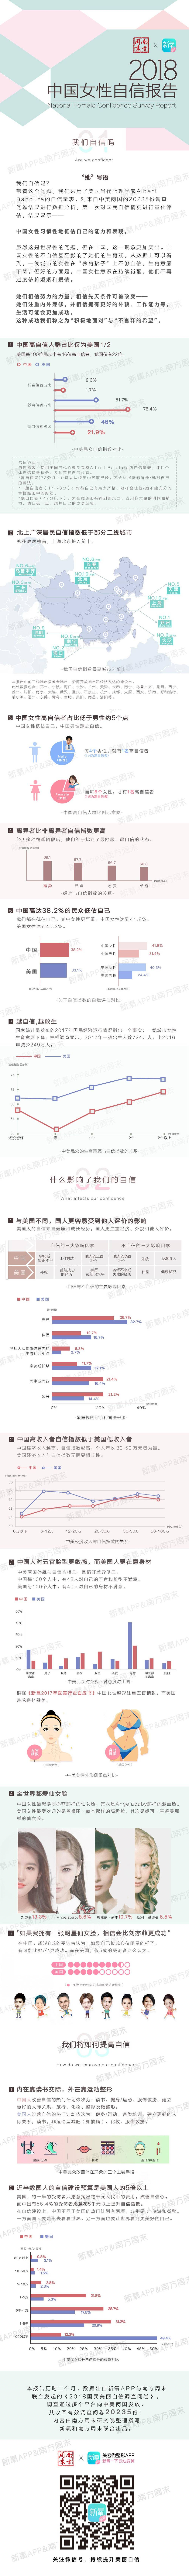 中国女性不自信吗?